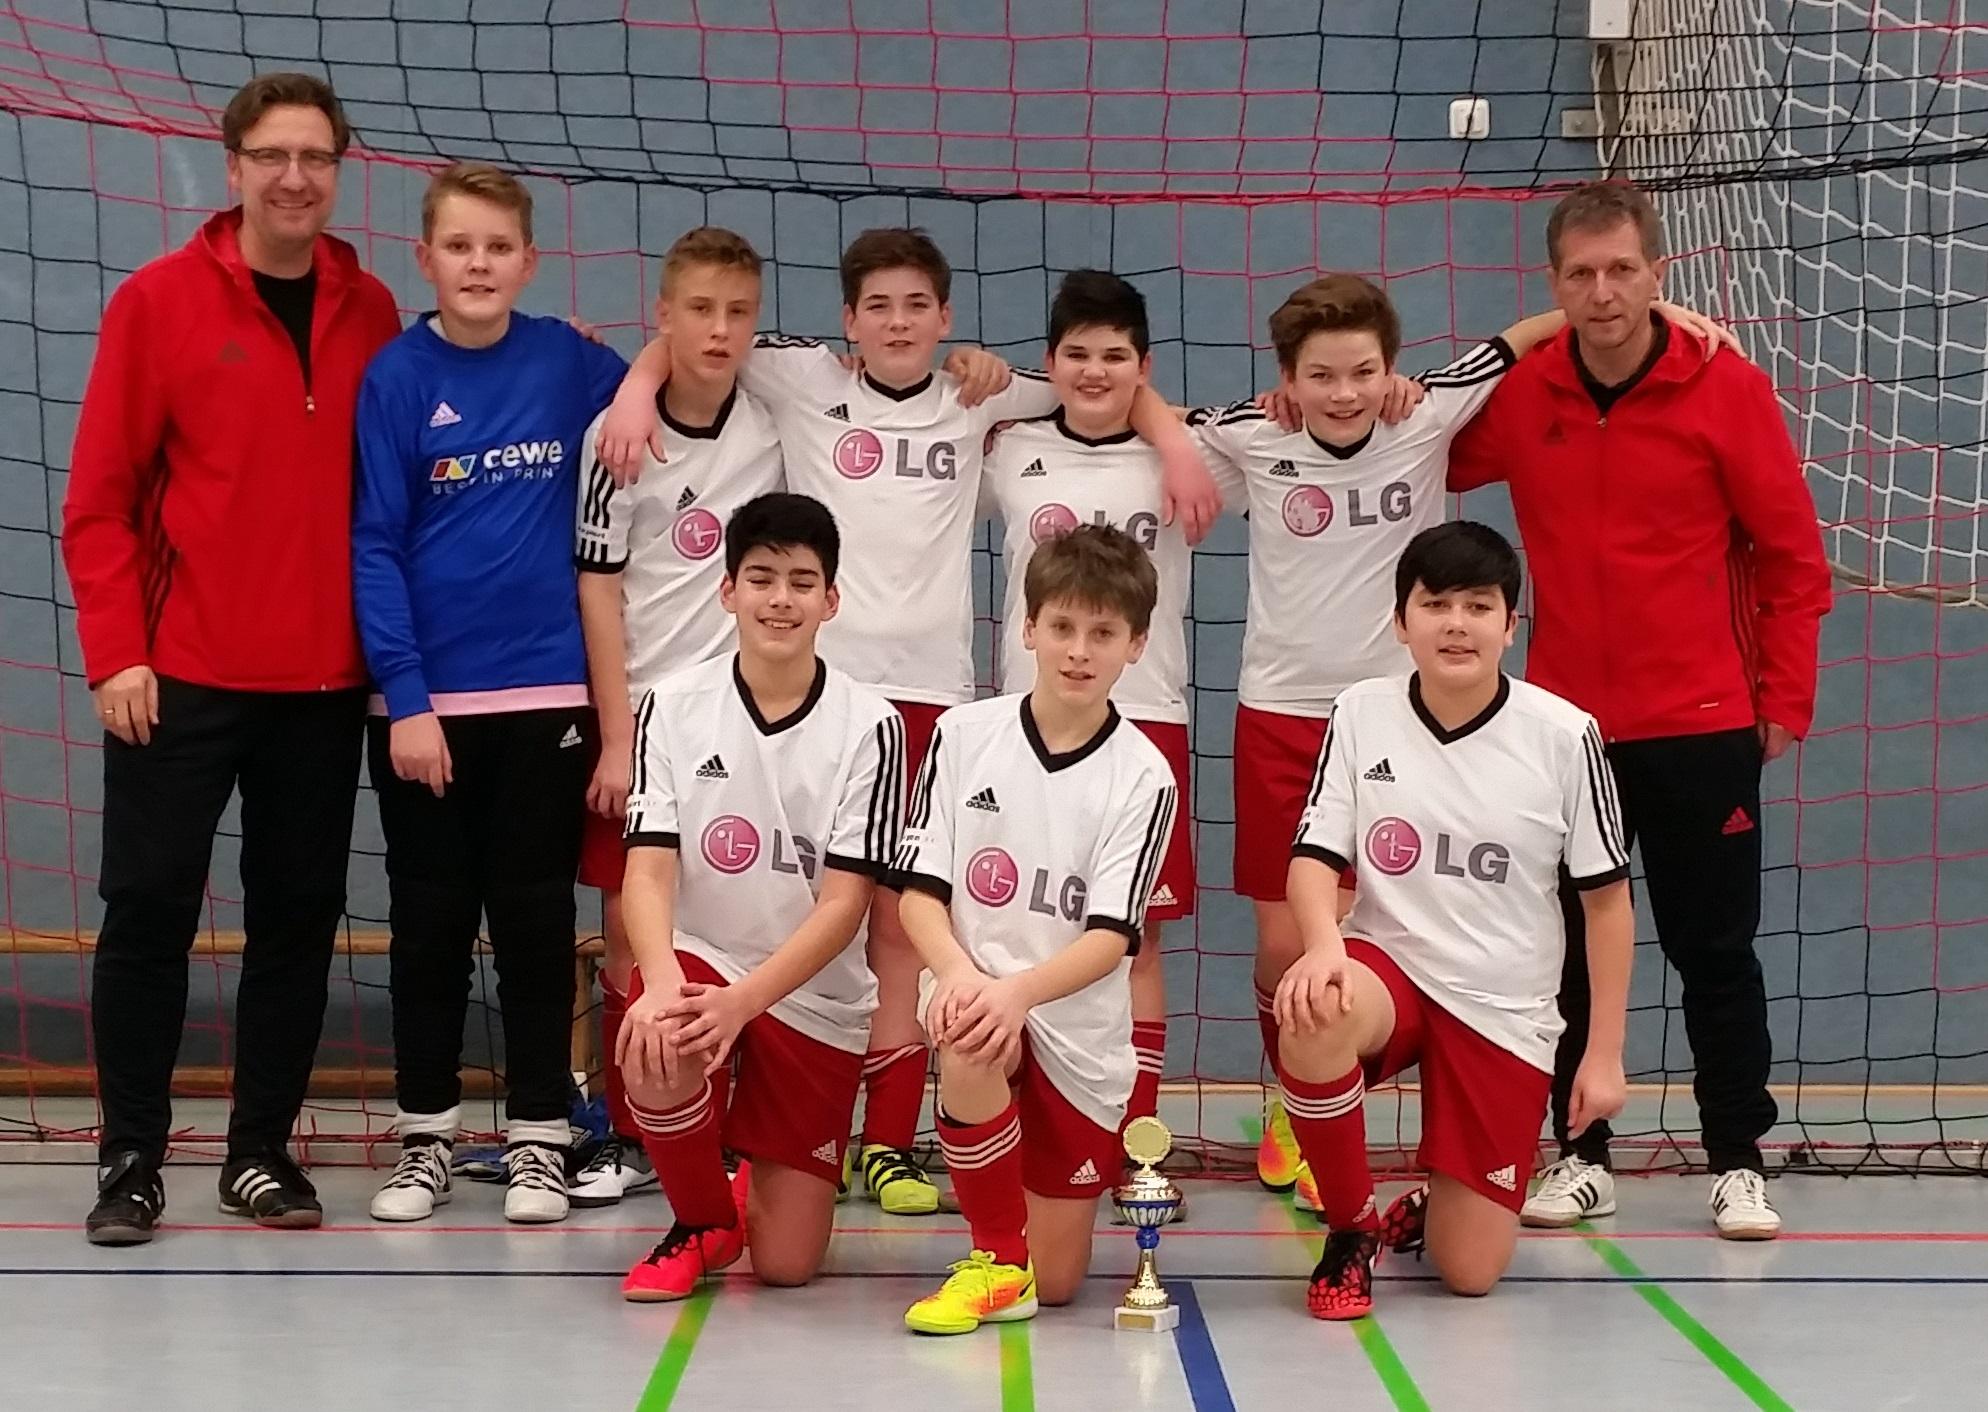 Rinteln gewinnt D-Jugend-Turnier